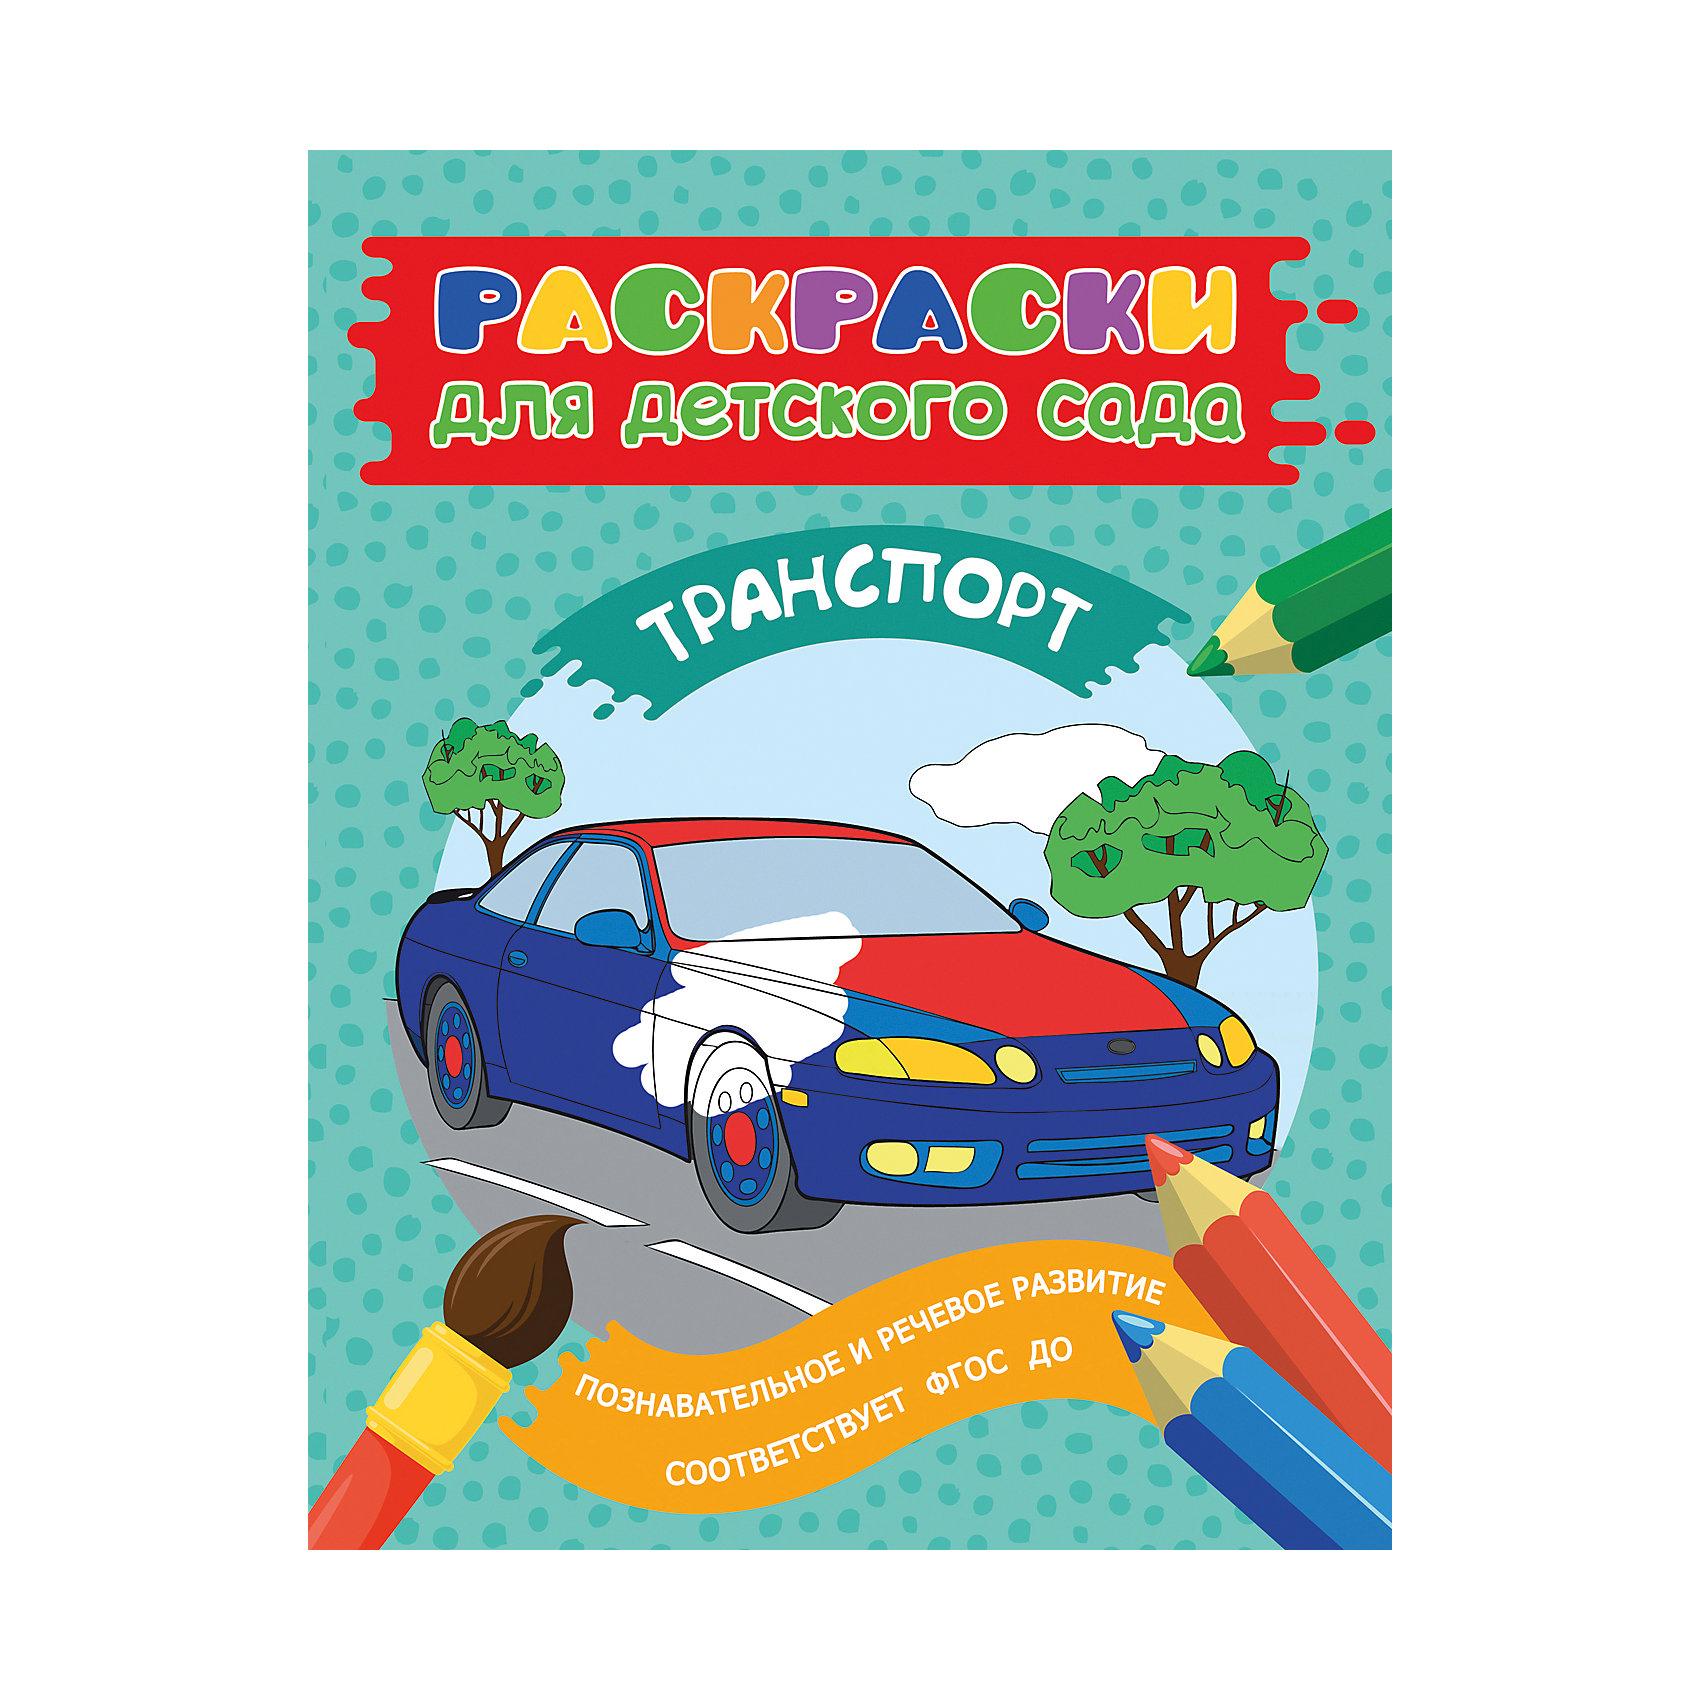 Раскраска ТранспортТематические раскраски для детского сада - это специальная серия, которую можно использовать как в группах детского сада, так и для самостоятельных занятий с ребенком дома.&#13;<br>Каждая развивающая тетрадь-раскраска посвящена одной их основных познавательных тем, изучаемых в детском саду.&#13;<br>На каждой странице предлагаются развивающие вопросы, которые мама или педагог могут задать ребенку, пока он занимается раскрашиванием.&#13;<br>Знакомство с изображениями и ответы на вопросы помогут развить ребенка в основных образовательных областях:&#13;<br>- Социально-коммуникативное развитие&#13;<br>- Познавательное развитие&#13;<br>- Речевое развитие&#13;<br>- Художественно-эстетическое развитие<br><br>Ширина мм: 274<br>Глубина мм: 212<br>Высота мм: 30<br>Вес г: 130<br>Возраст от месяцев: -2147483648<br>Возраст до месяцев: 2147483647<br>Пол: Унисекс<br>Возраст: Детский<br>SKU: 5453640